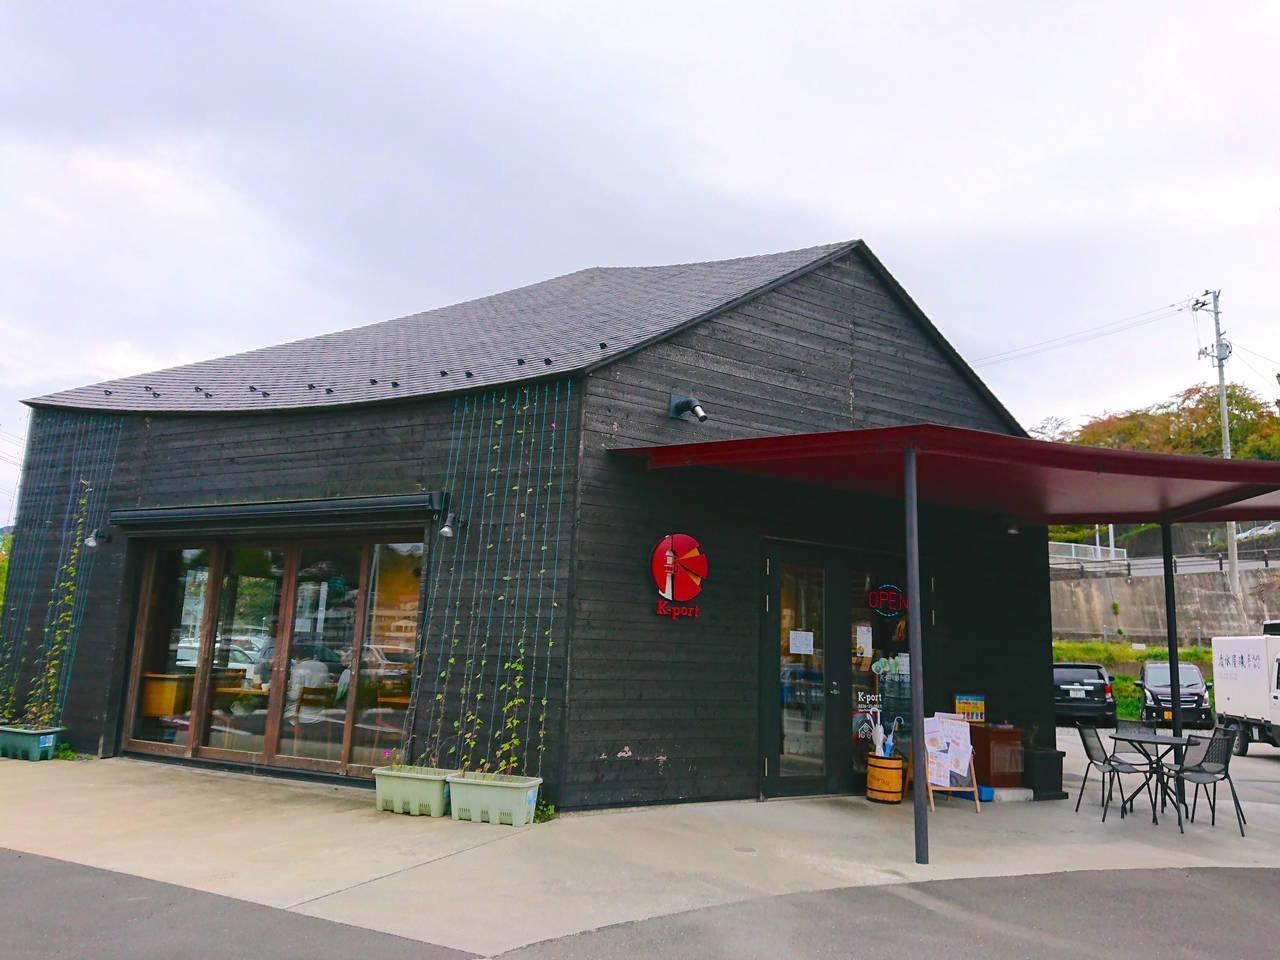 【宮城】気仙沼の魅力を知る!元気をもらえるカフェ「K-port」